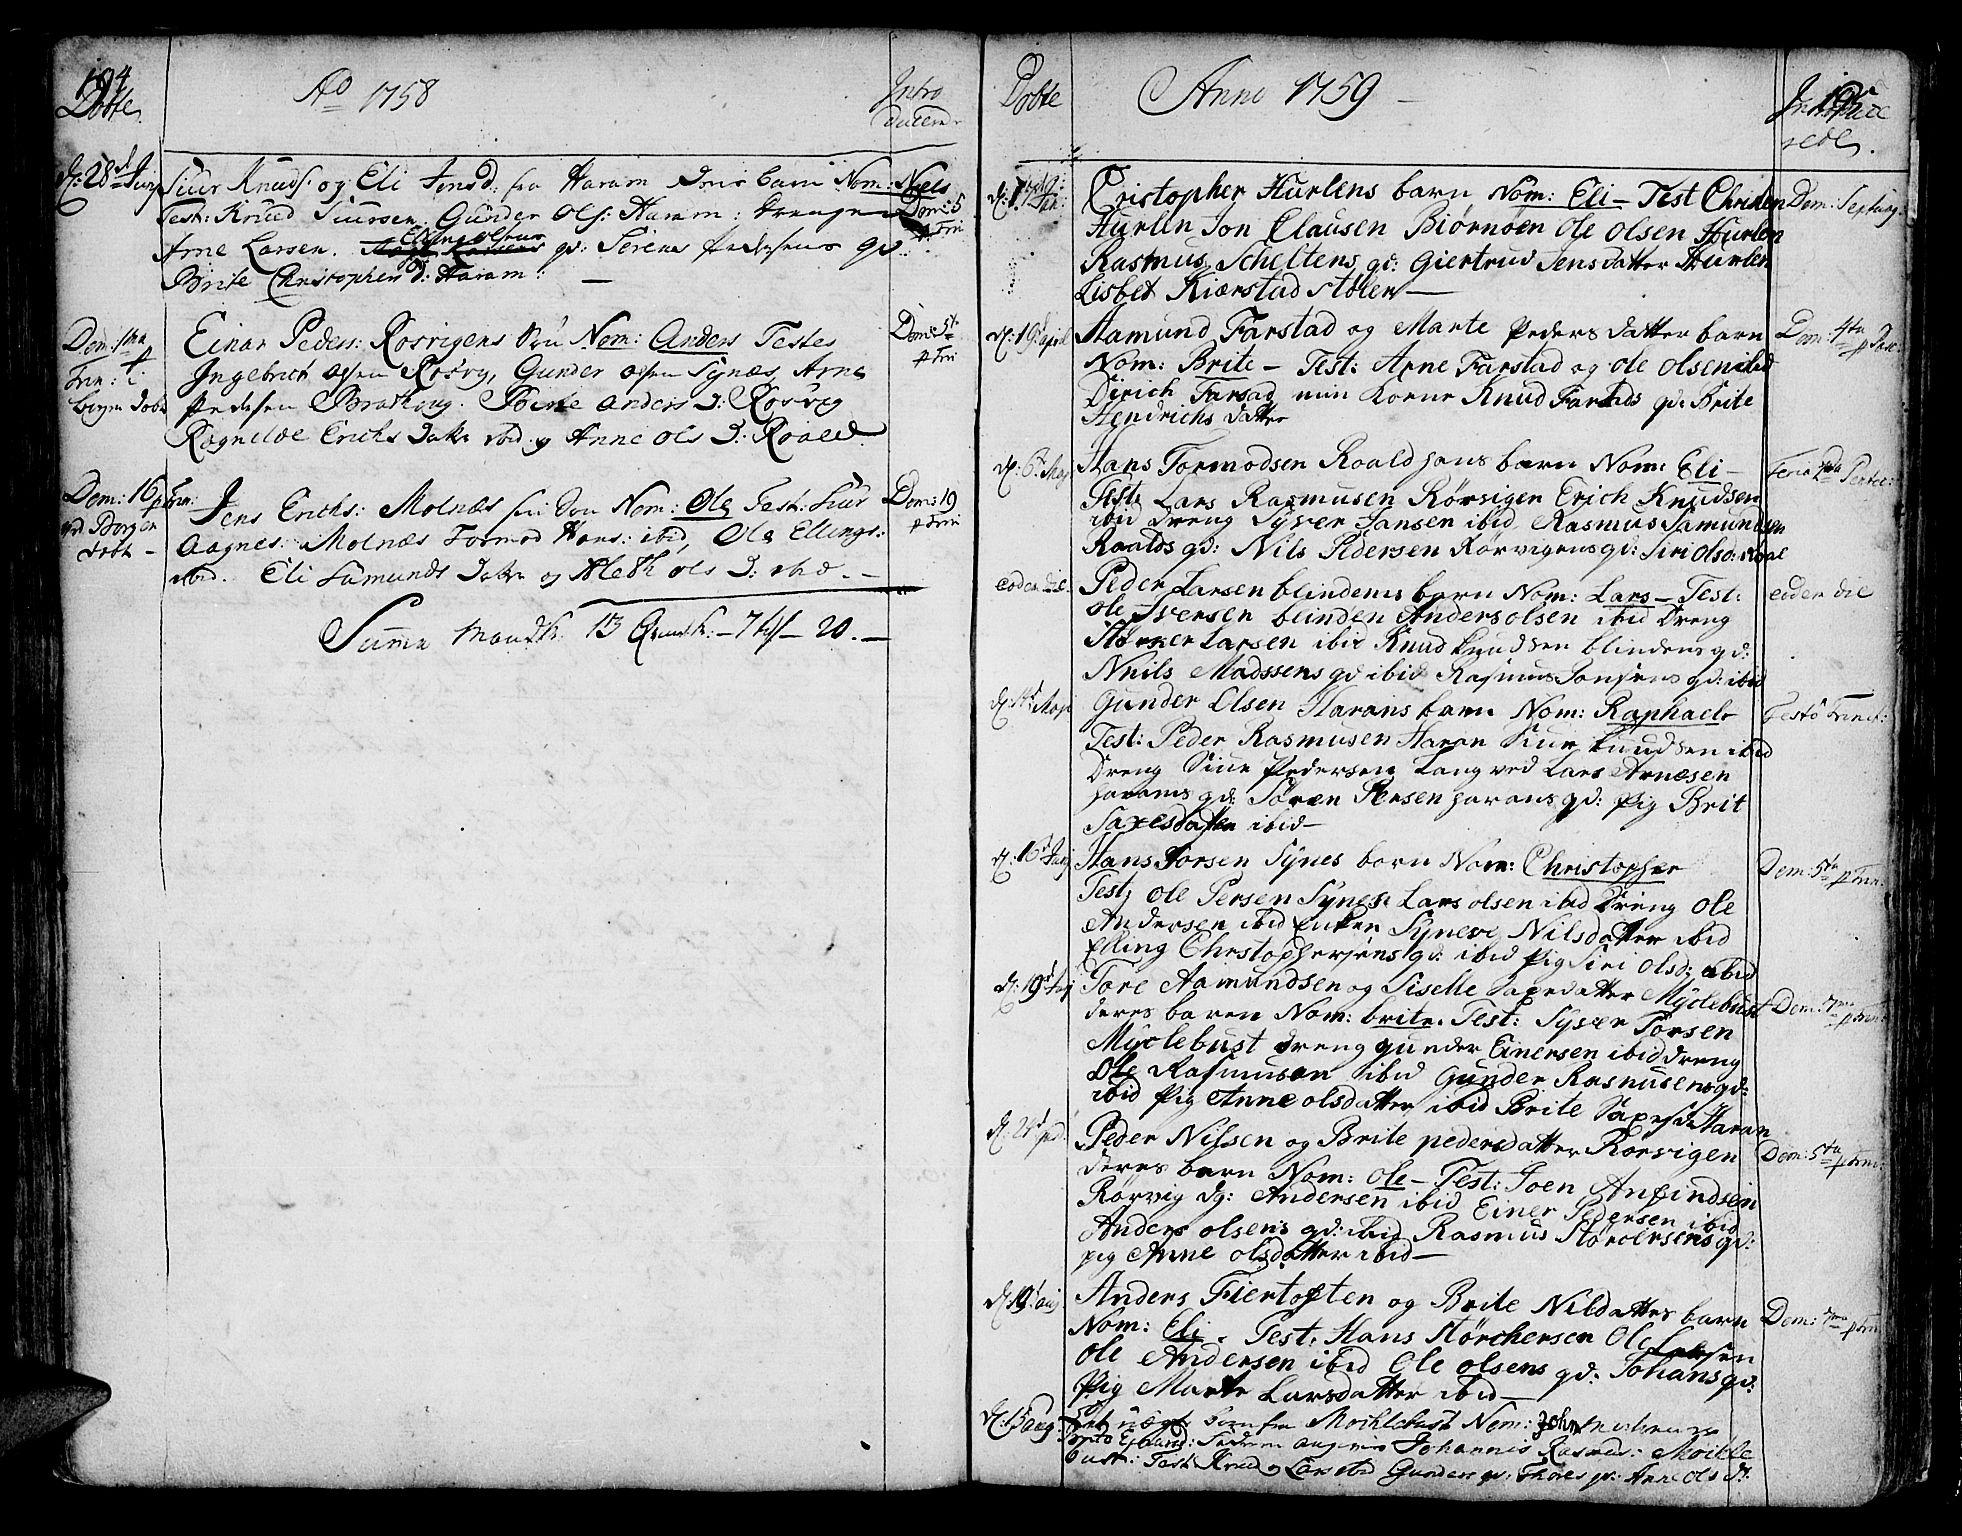 SAT, Ministerialprotokoller, klokkerbøker og fødselsregistre - Møre og Romsdal, 536/L0493: Ministerialbok nr. 536A02, 1739-1802, s. 194-195